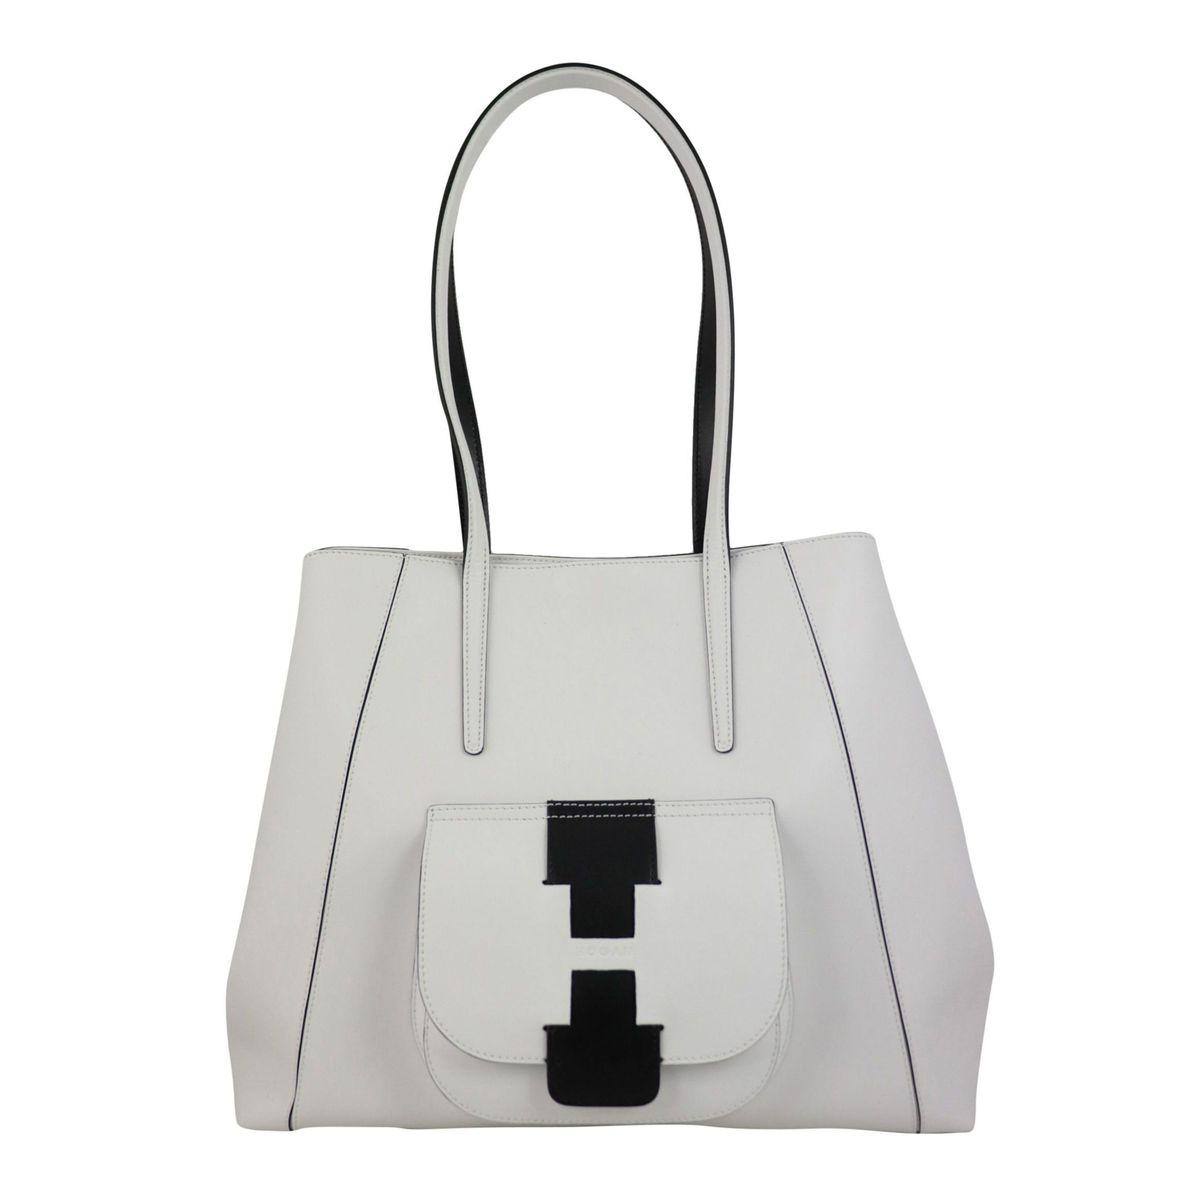 Leather shoulder bag with front pocket White Hogan